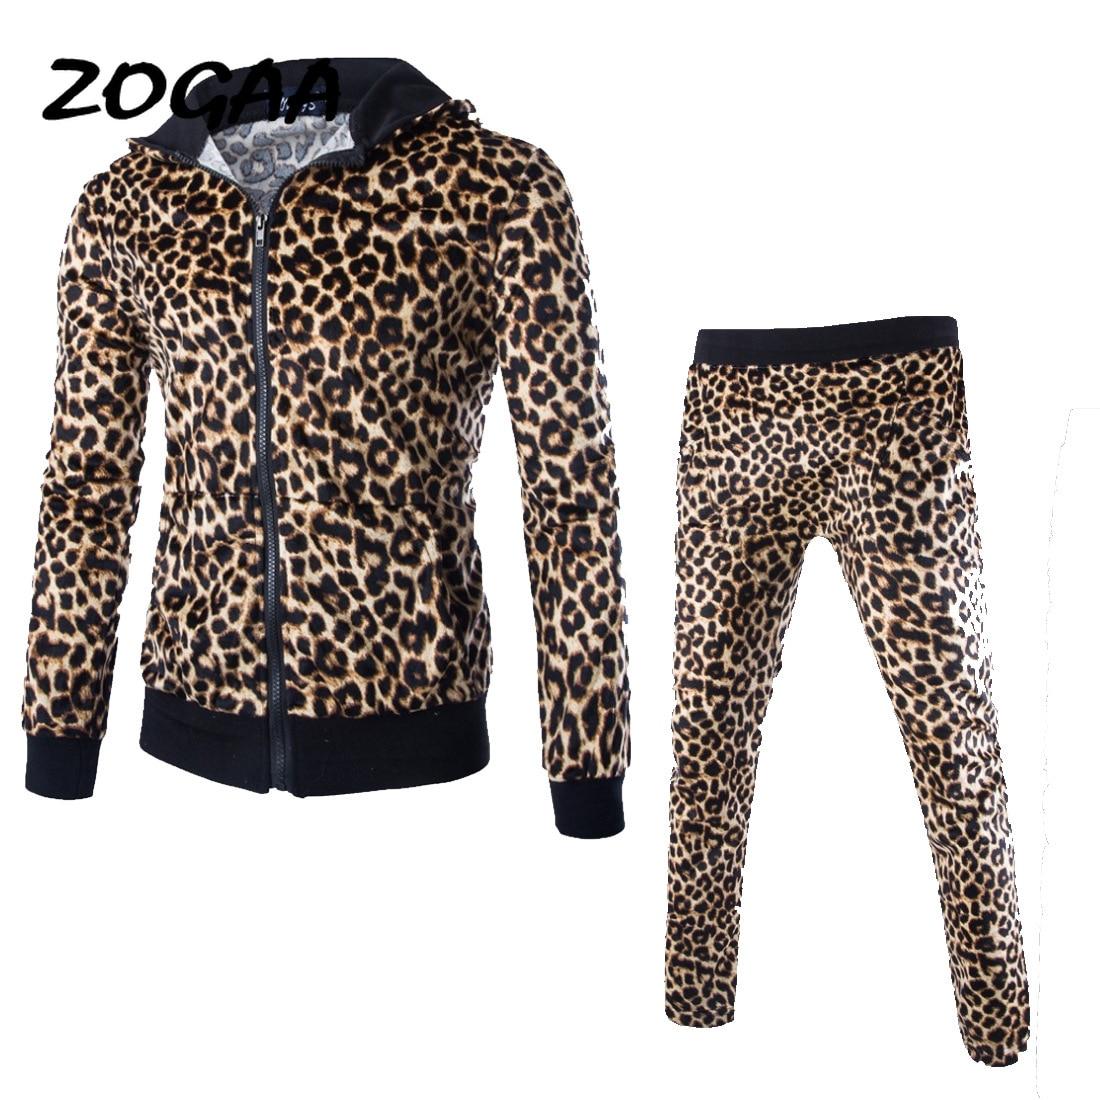 ZOGAA Leopard Men Sets Fashion Autumn Spring Sporting Suit Sweatshirt +Sweatpants Mens Clothing 2 Pieces Sets Slim Tracksuit